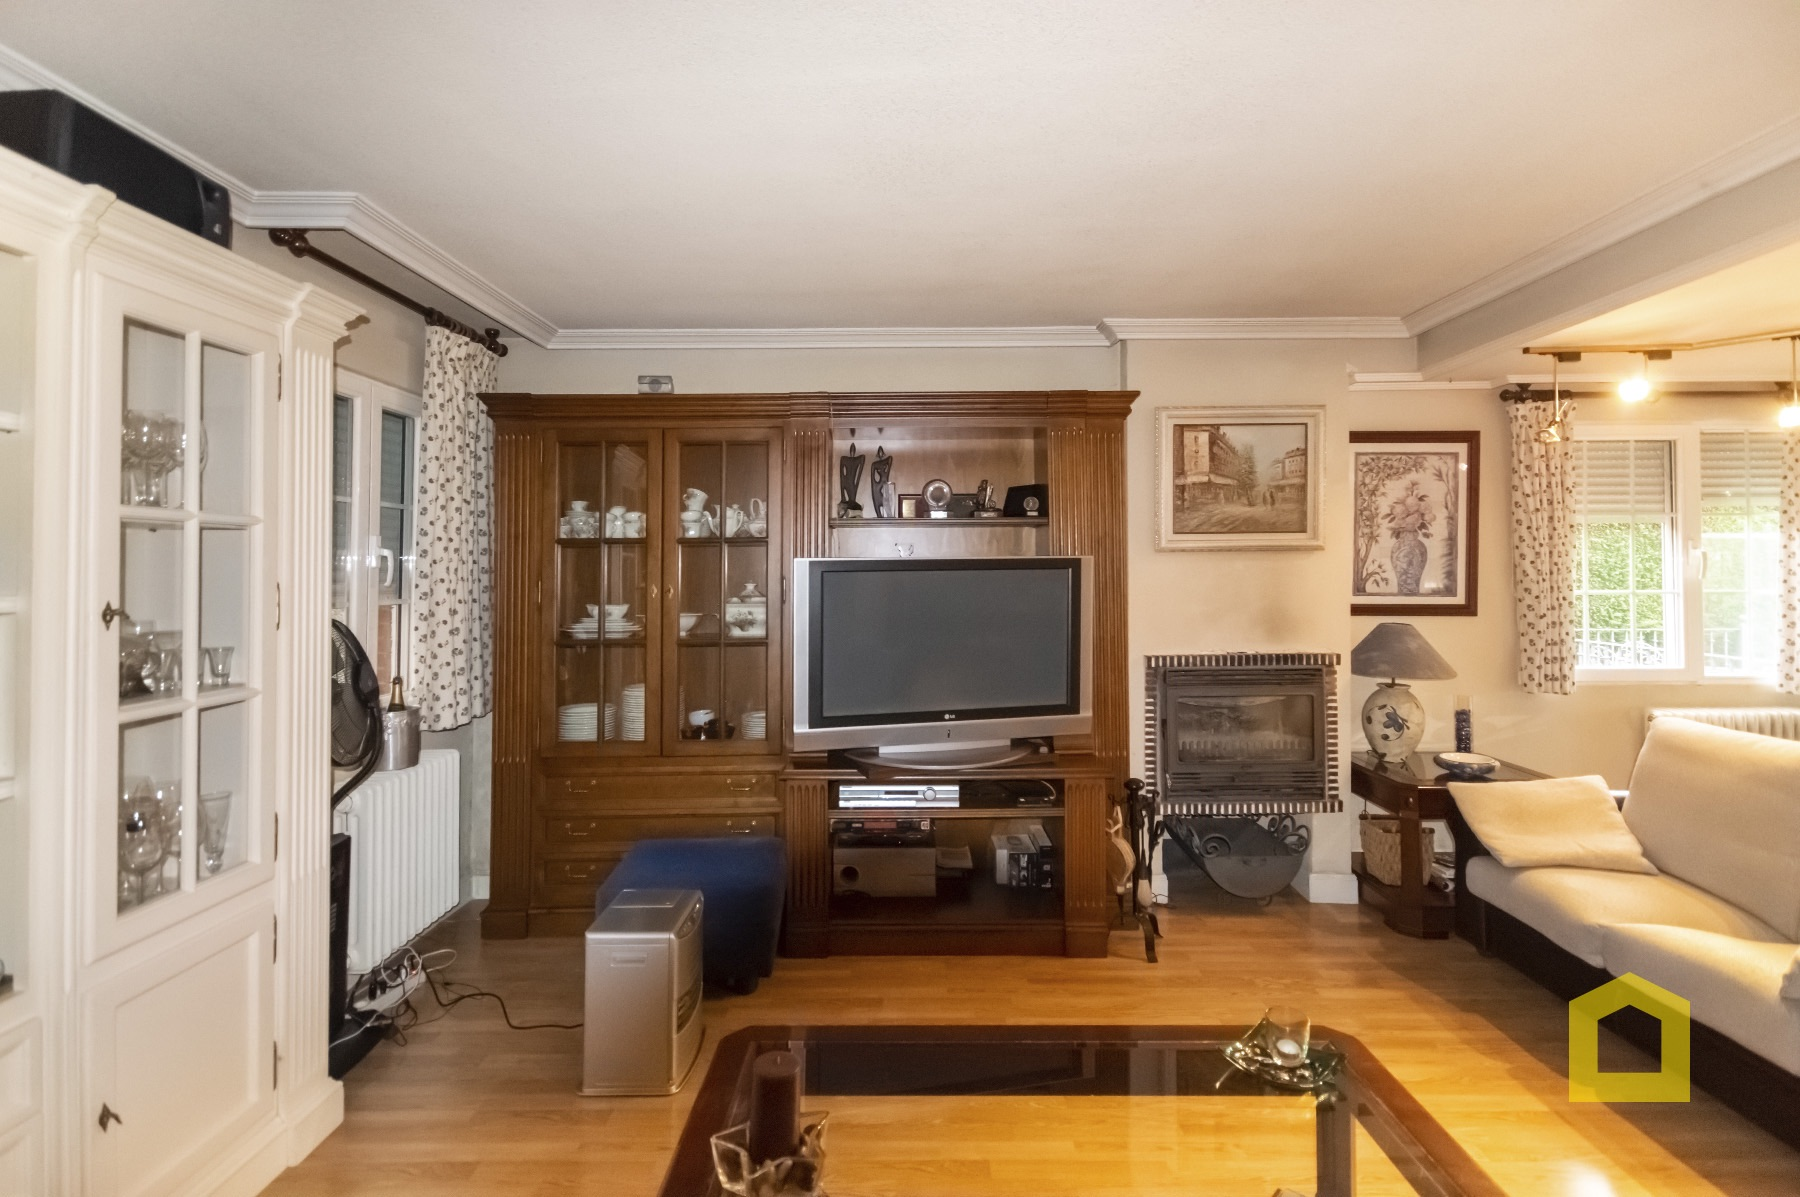 Casa / Chalet en Valdeolmos-Alalpardo, Urb. Miraval, venta